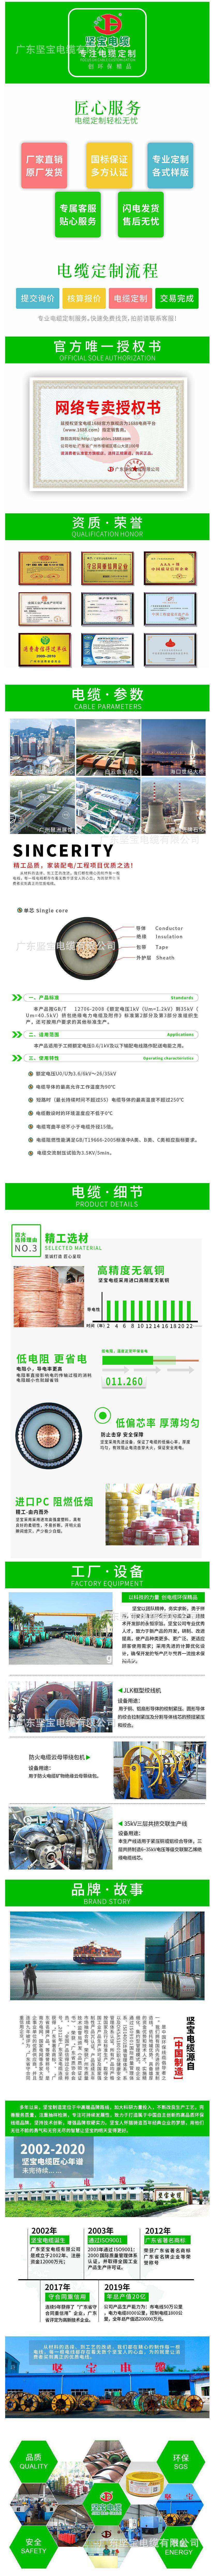 坚宝电缆 国标 无氧铜 矿物质护套防火 3_25 BBTRZ电线电缆-阿里巴巴.png